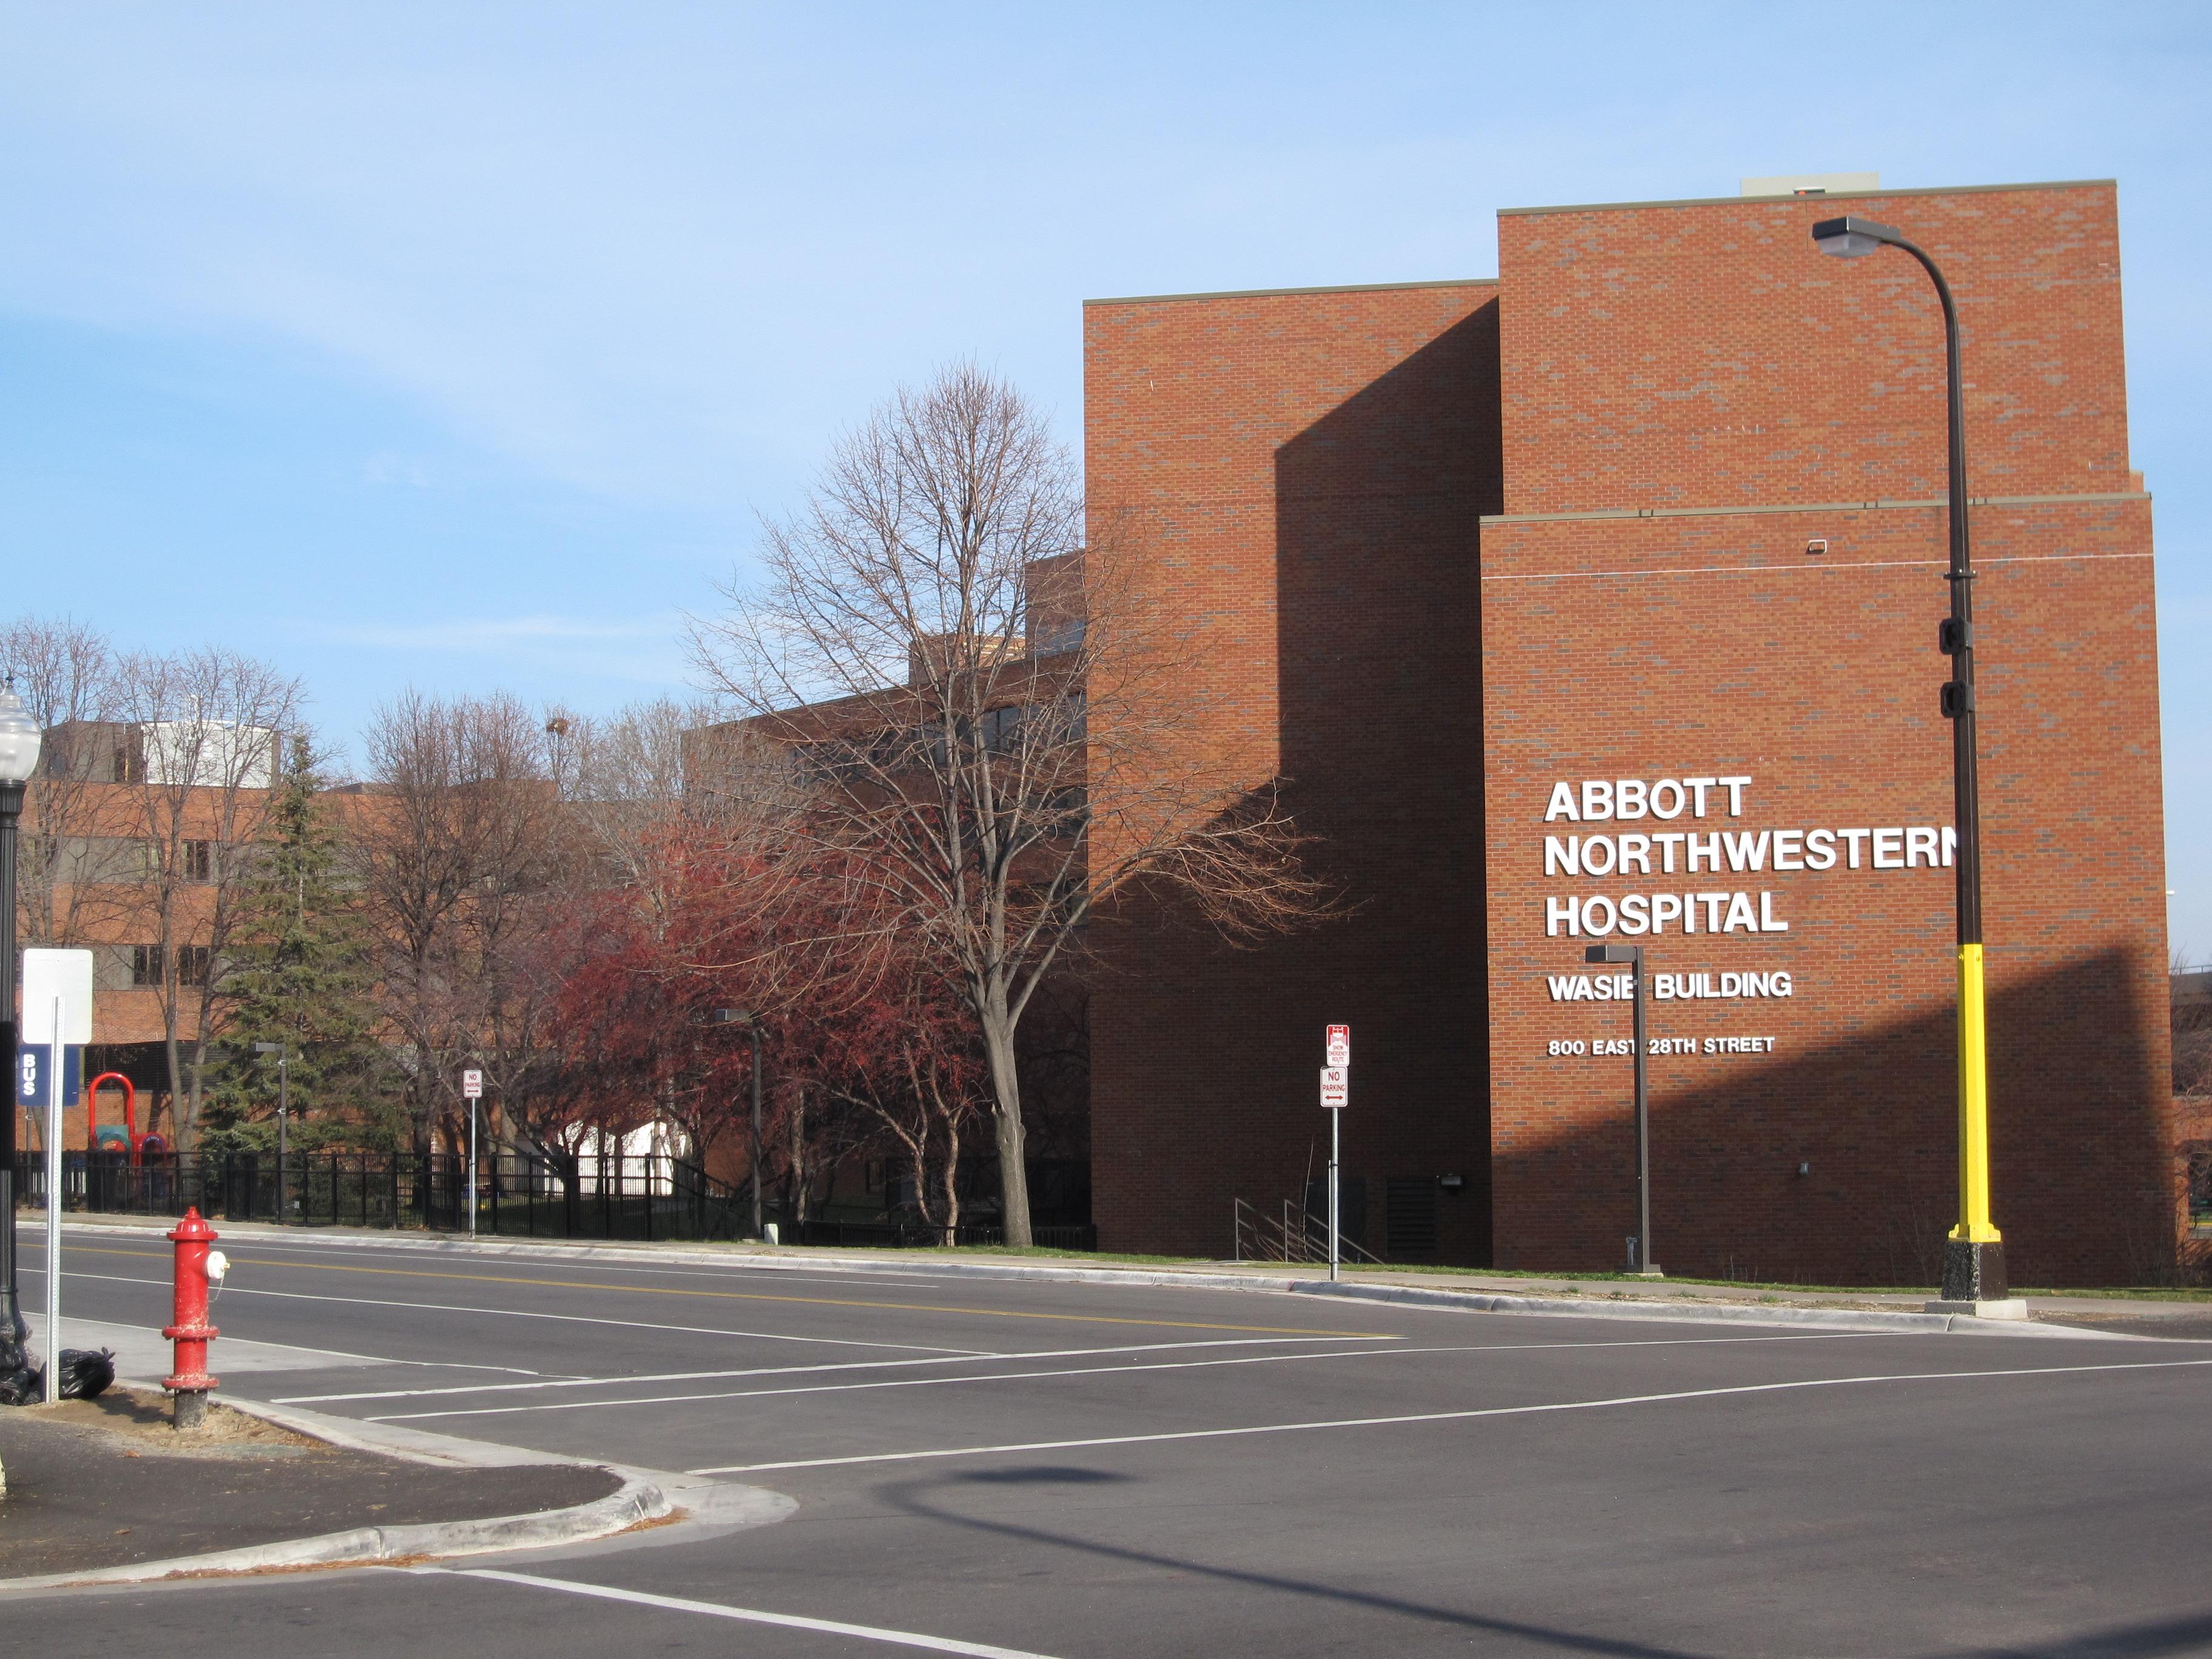 Abbott_northwestern_hospital